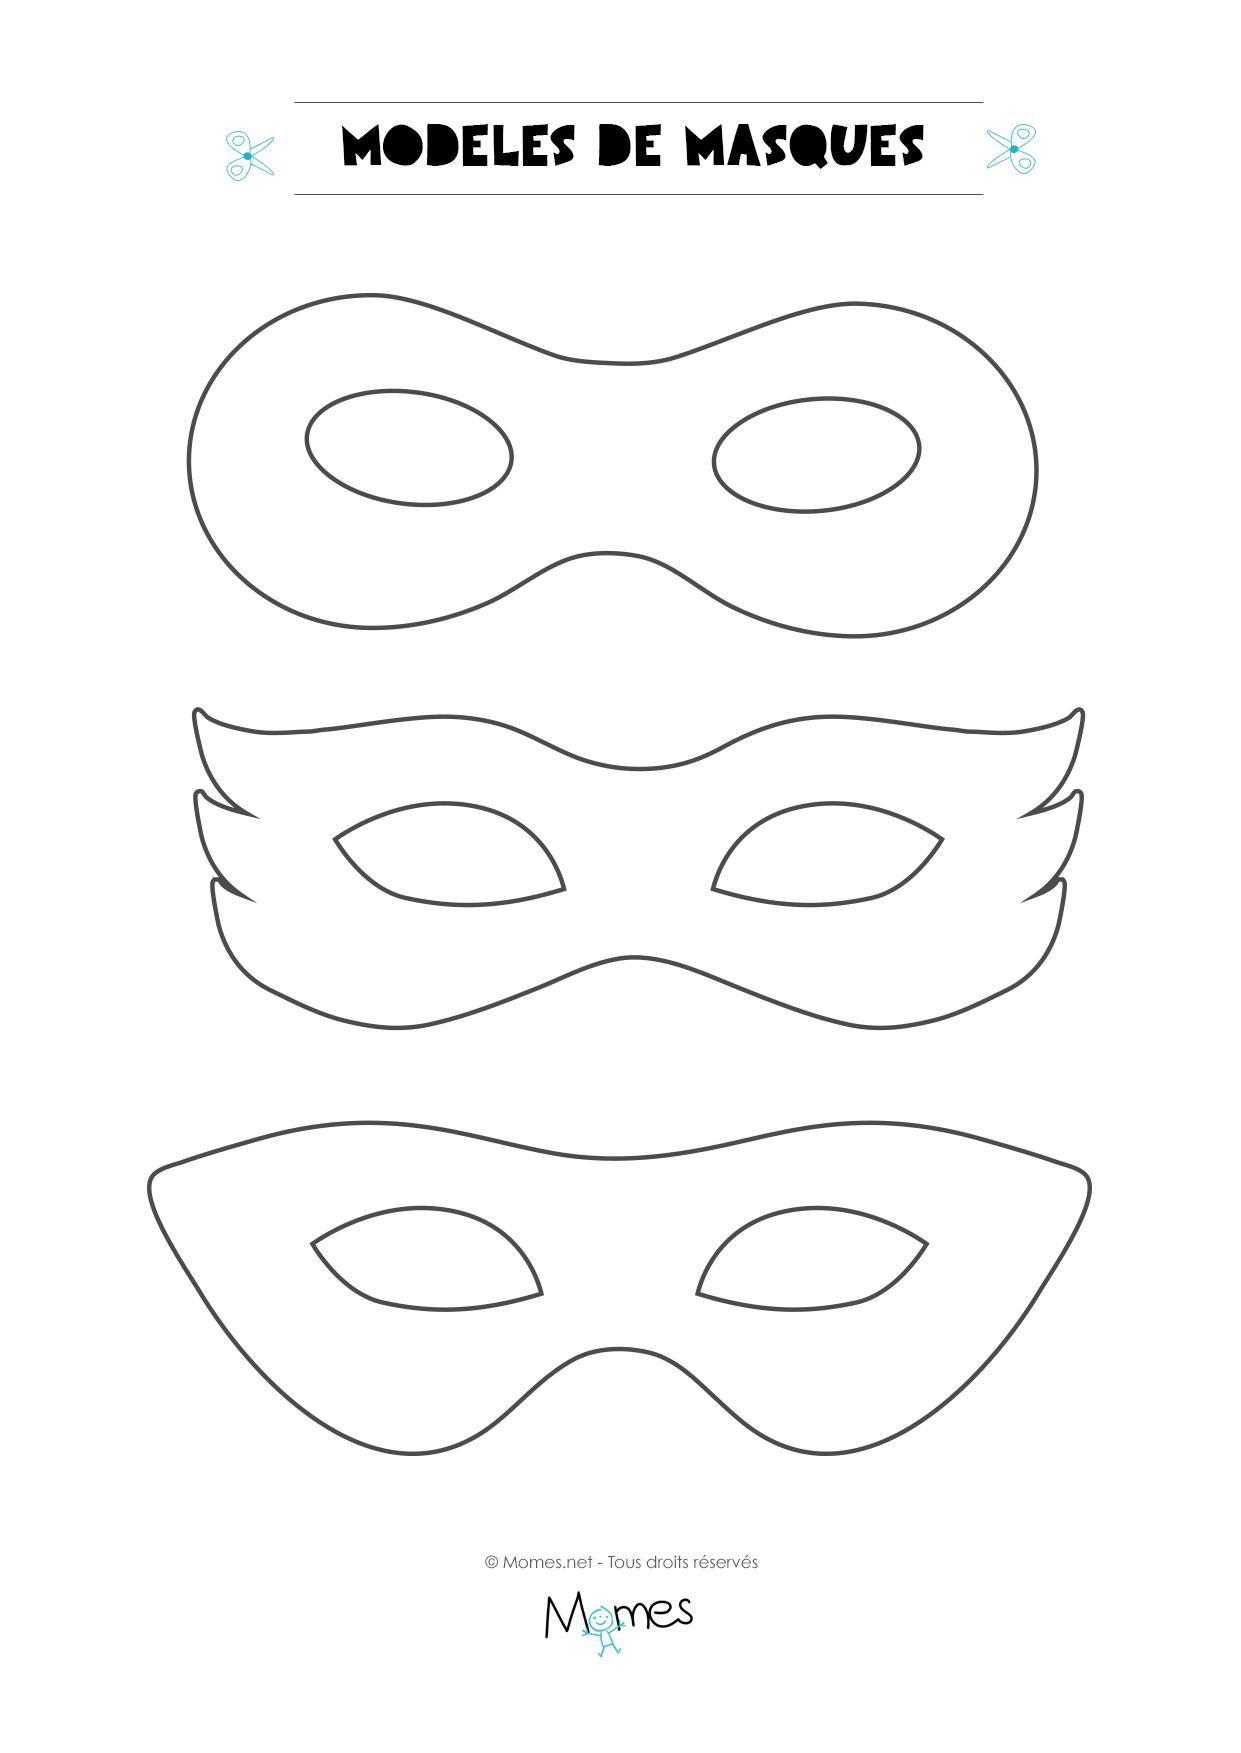 6 Modèles De Masques Pour Le Carnaval - Momes serapportantà Masque Loup A Colorier